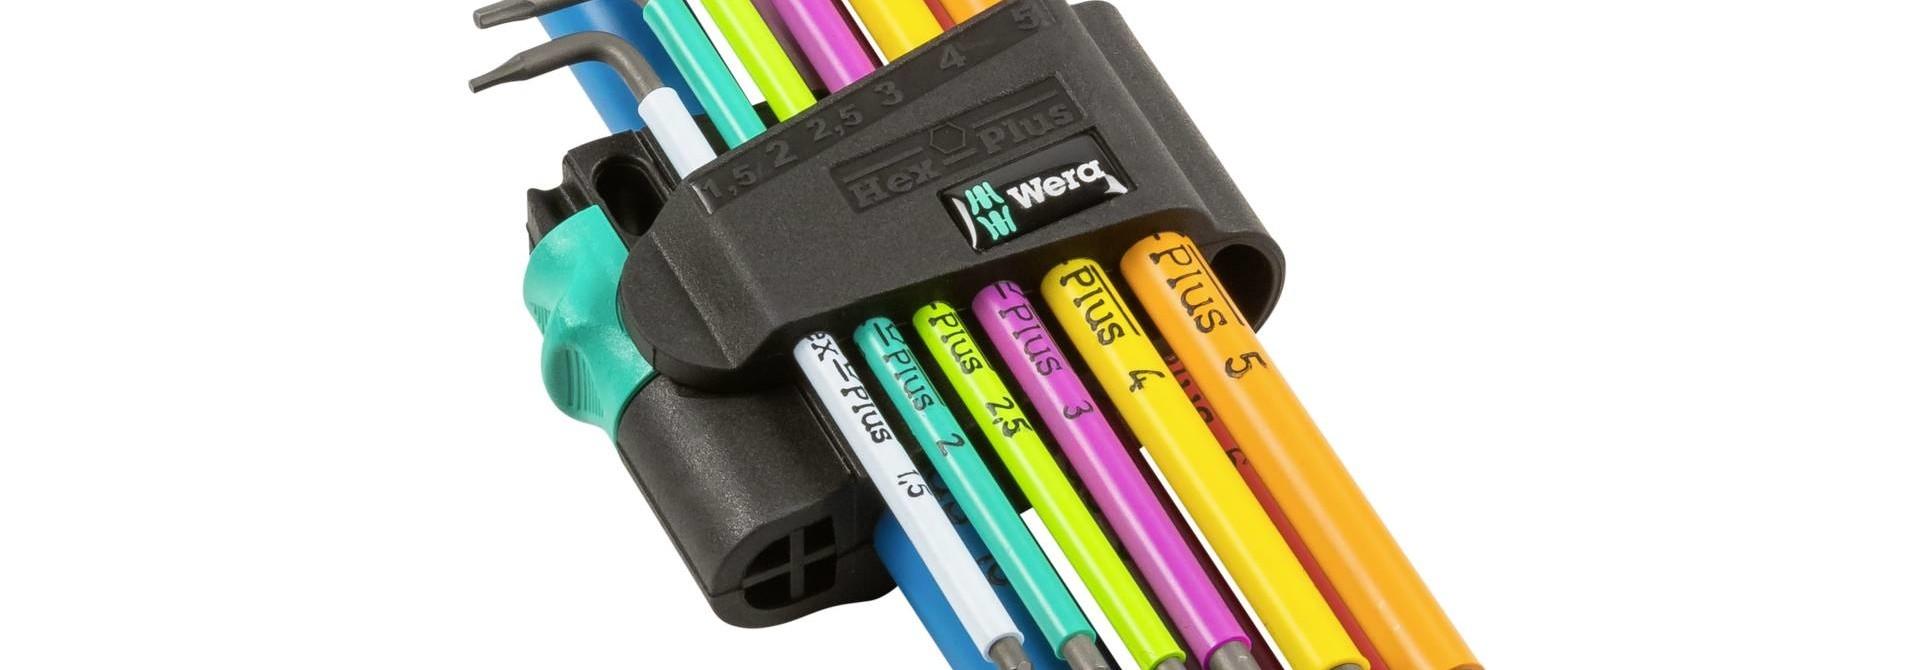 Wera Tools Hex Plus Multicolour Long Arm L-Key Set, Metric, 9 Pieces